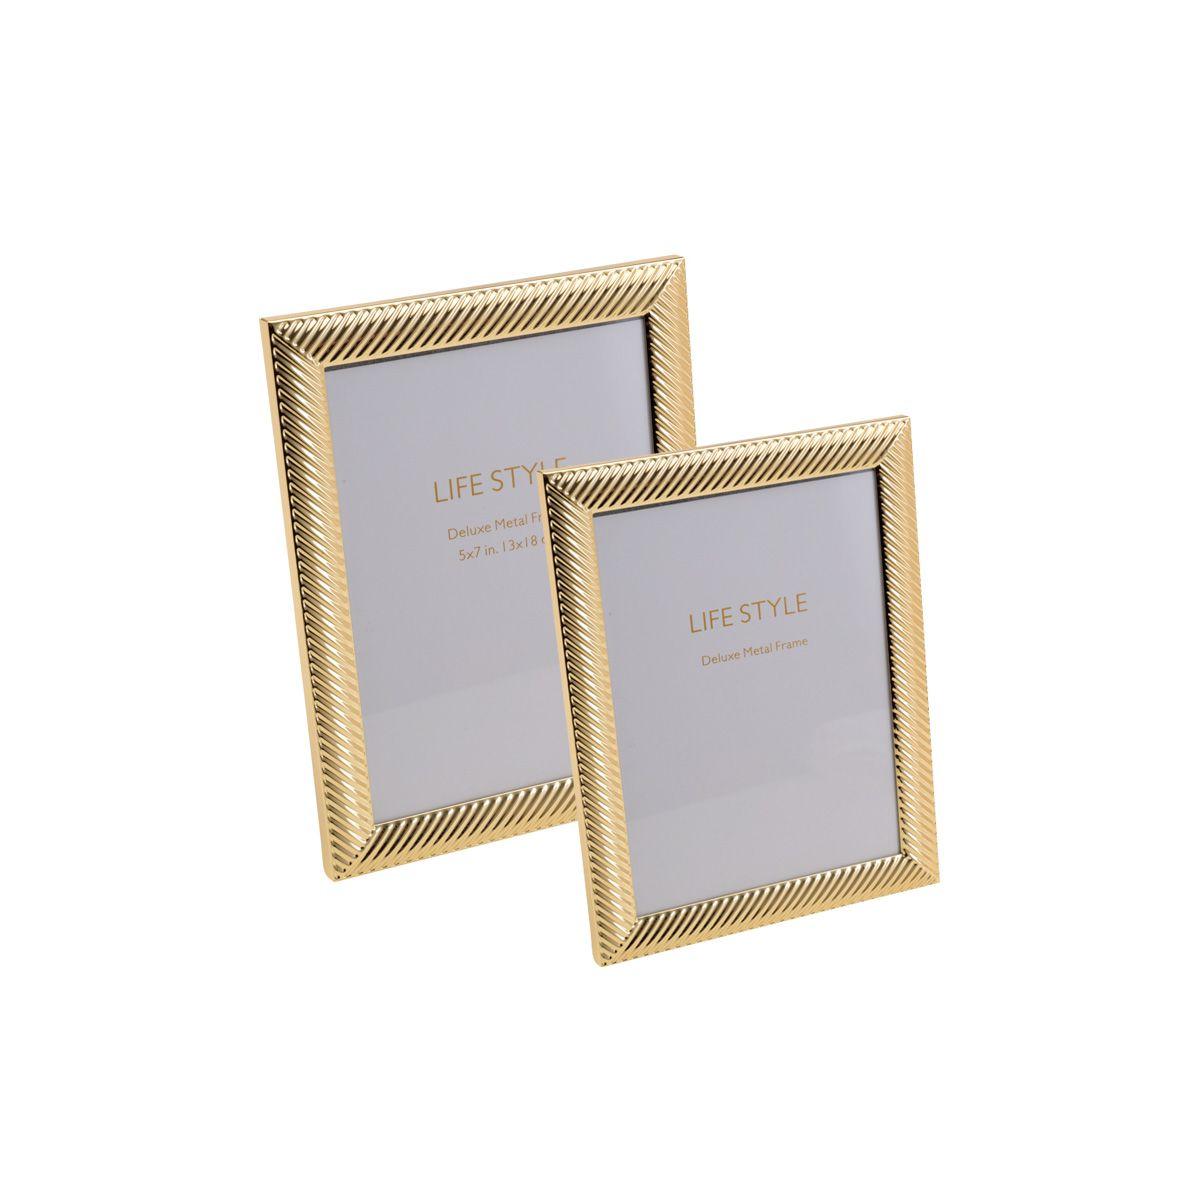 Porta-retrato 10 x 15 cm de aço dourado Thick Line Royal - 30456